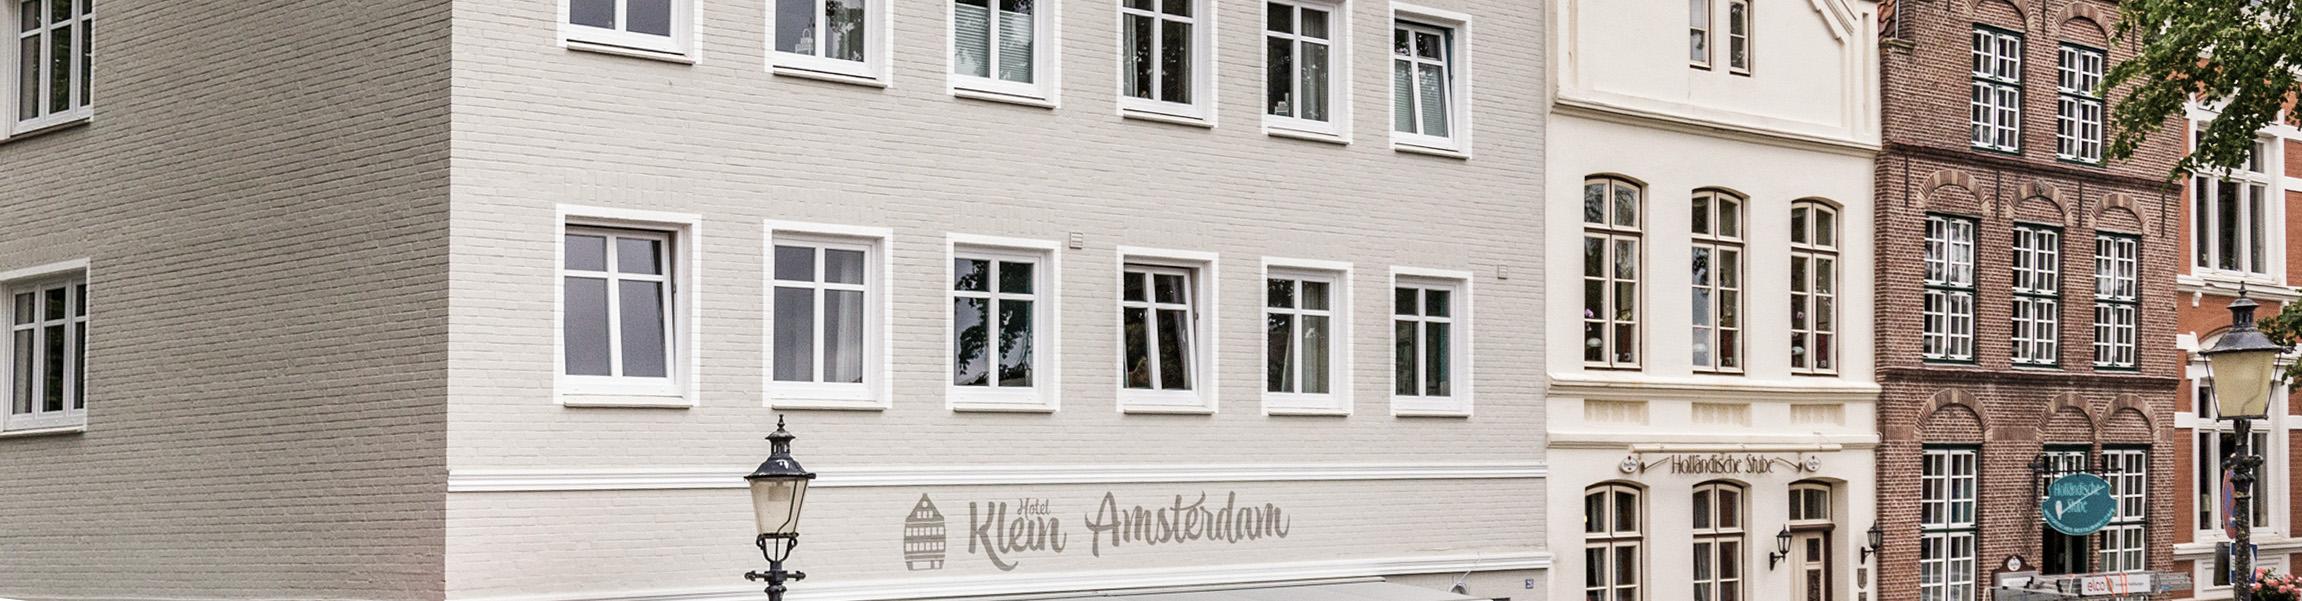 Hotel Klein Amsterdam Friedrichstadt